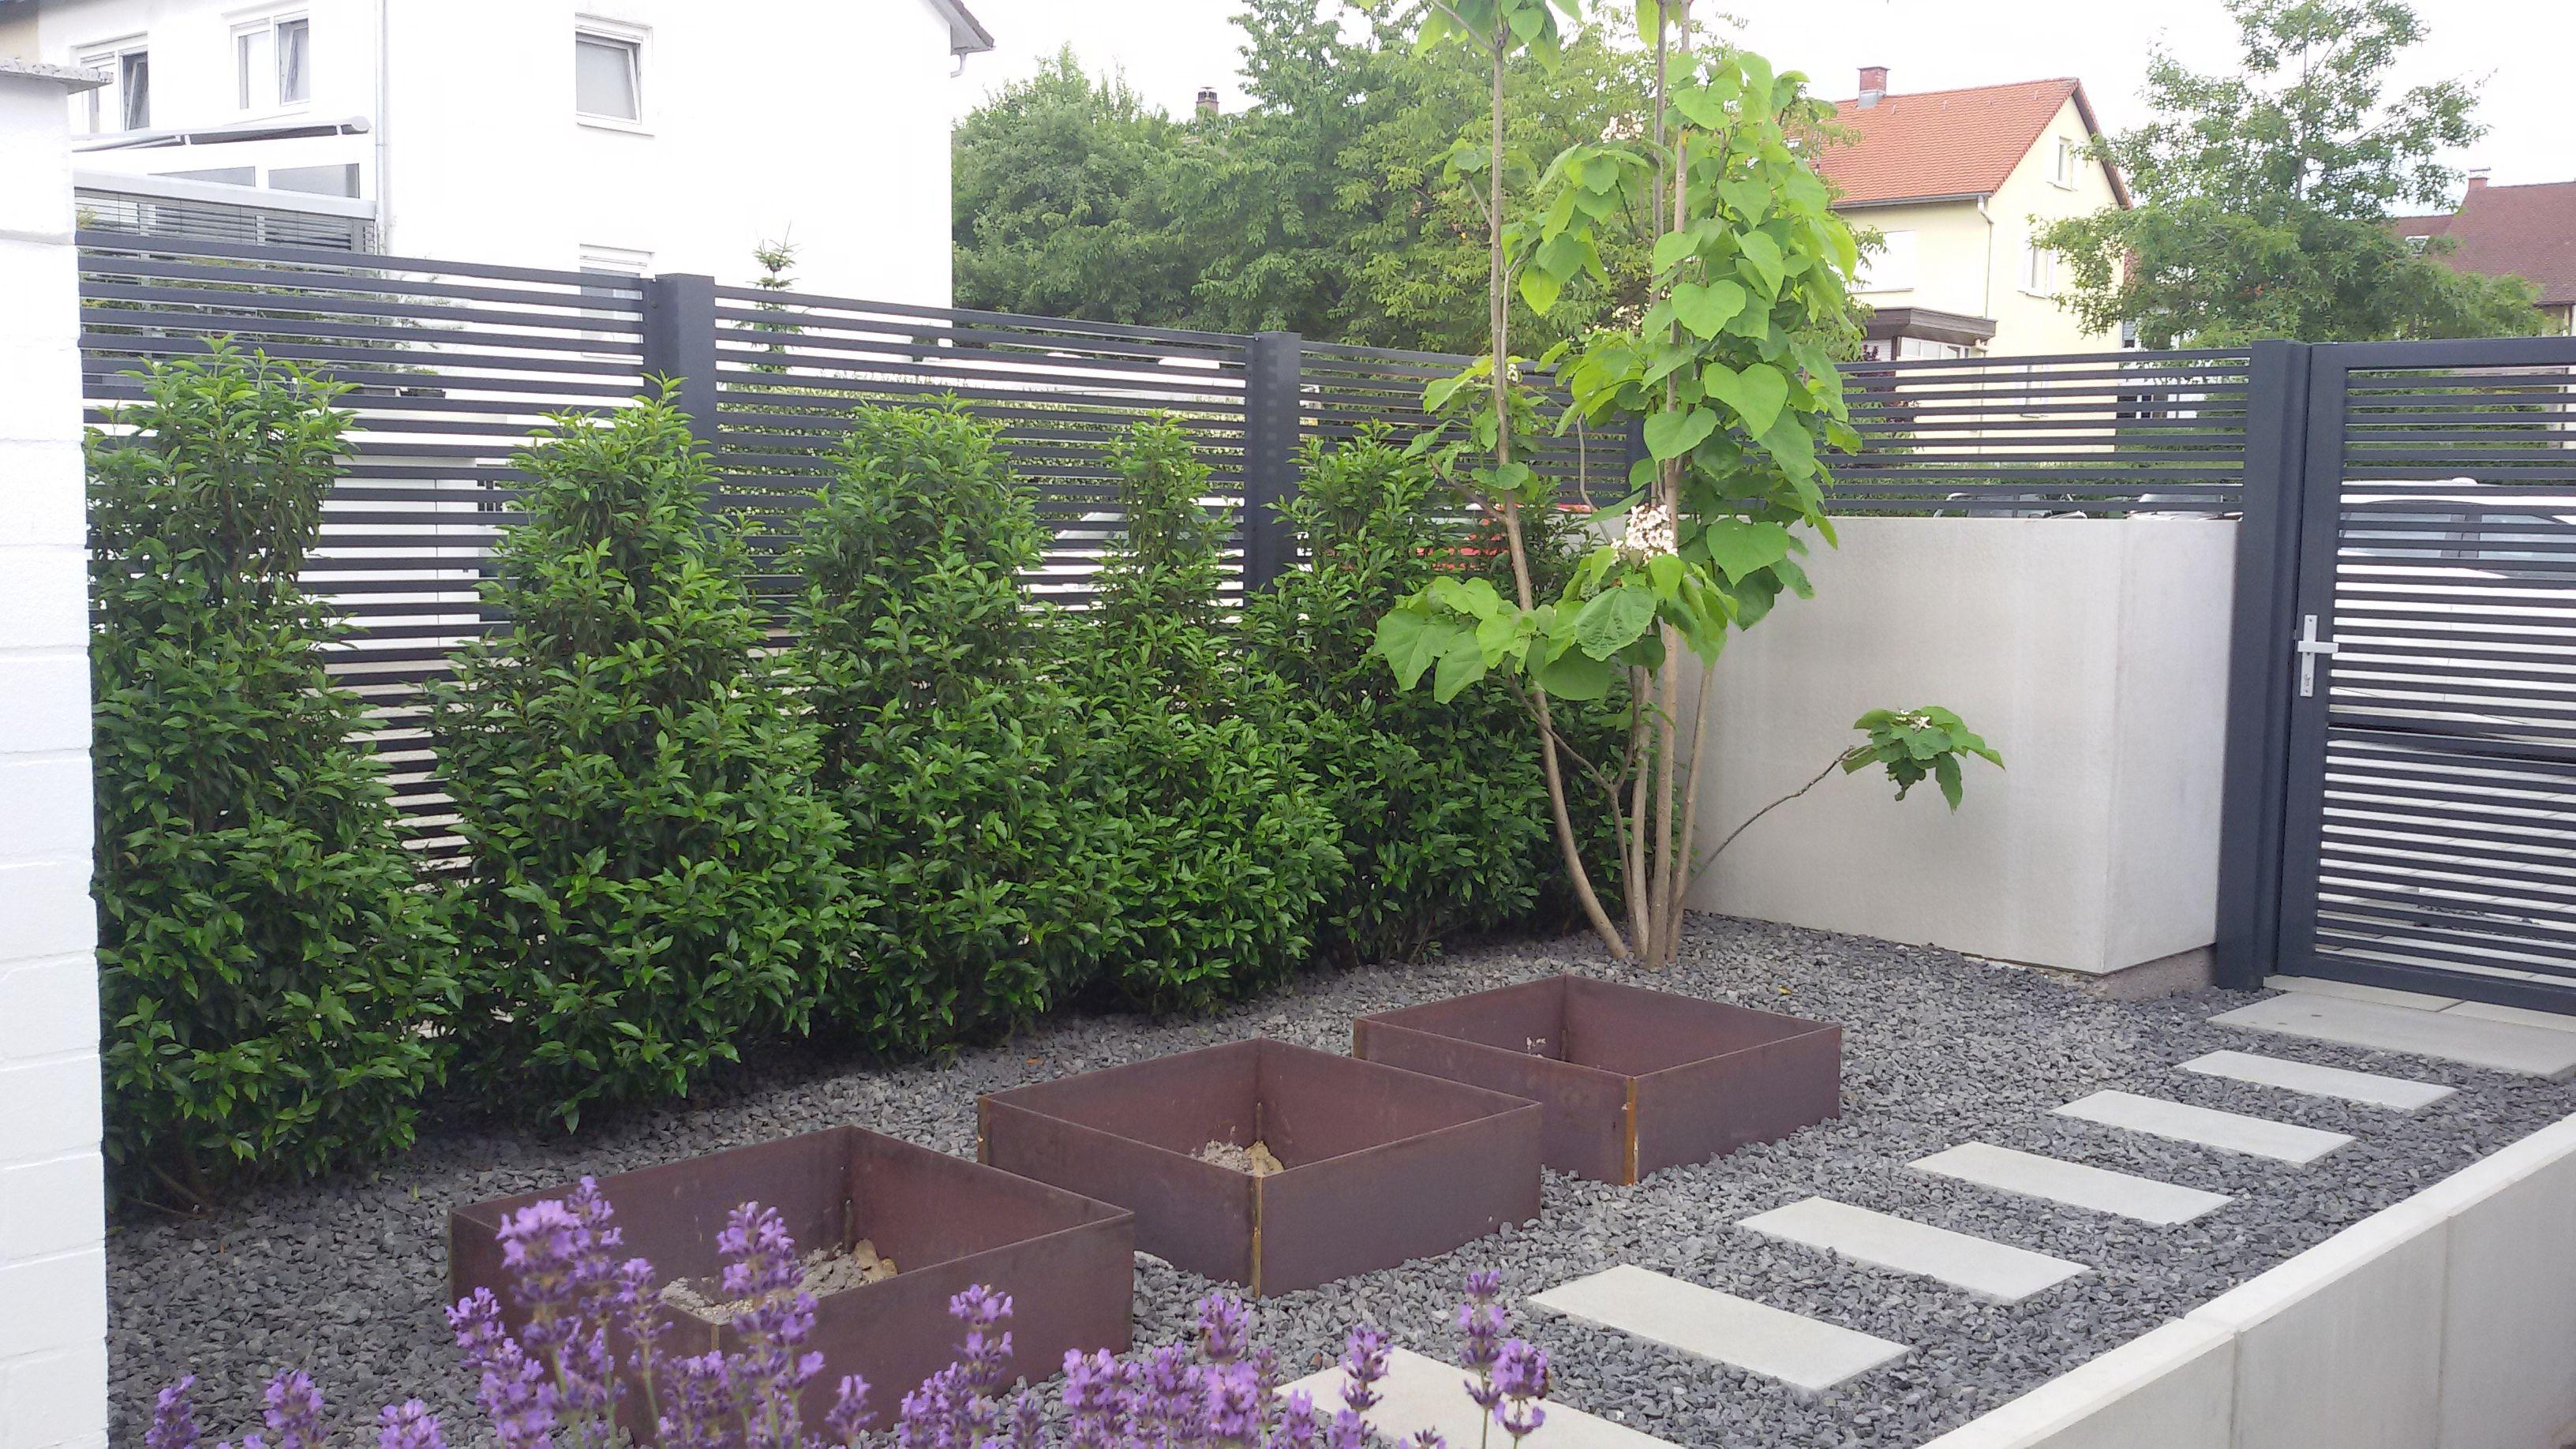 Geräumig Super Zaun Das Beste Von Moderner Designgarten Mit Modernem Design Von Super-zaun